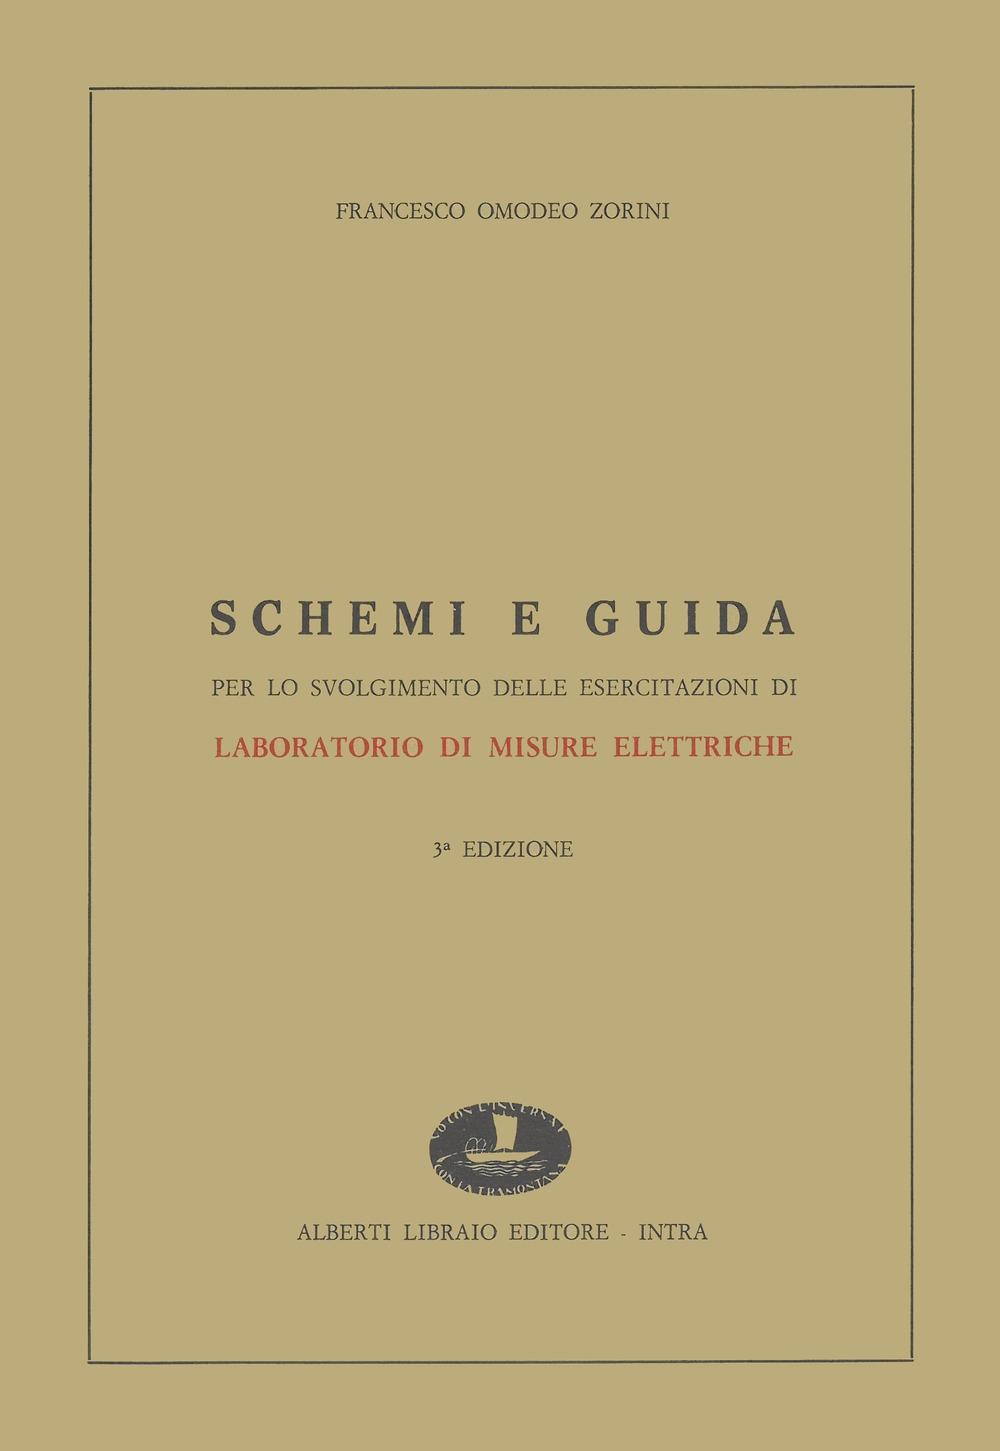 Schemi e guida per lo svolgimento delle esercitazioni di laboratorio misure elettriche